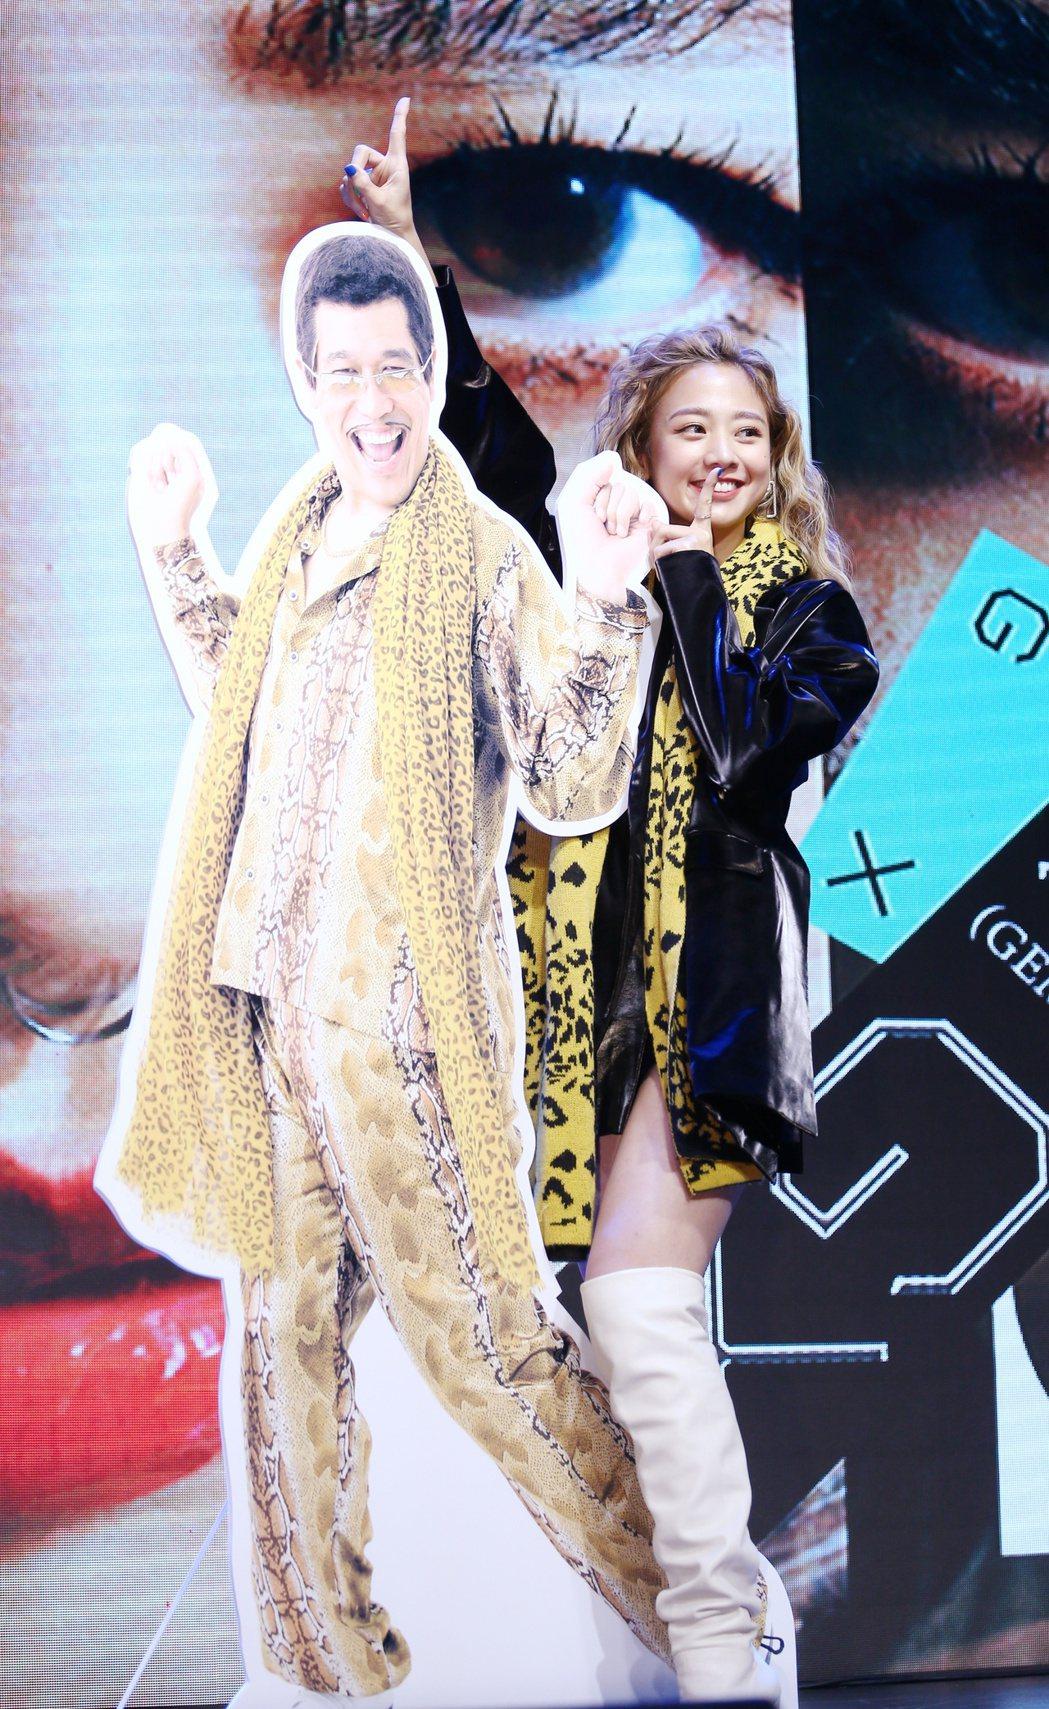 鬼鬼吳映潔發布首張專輯《GX》,其中歌曲Gugoo Game更與PIKO太郎合作...